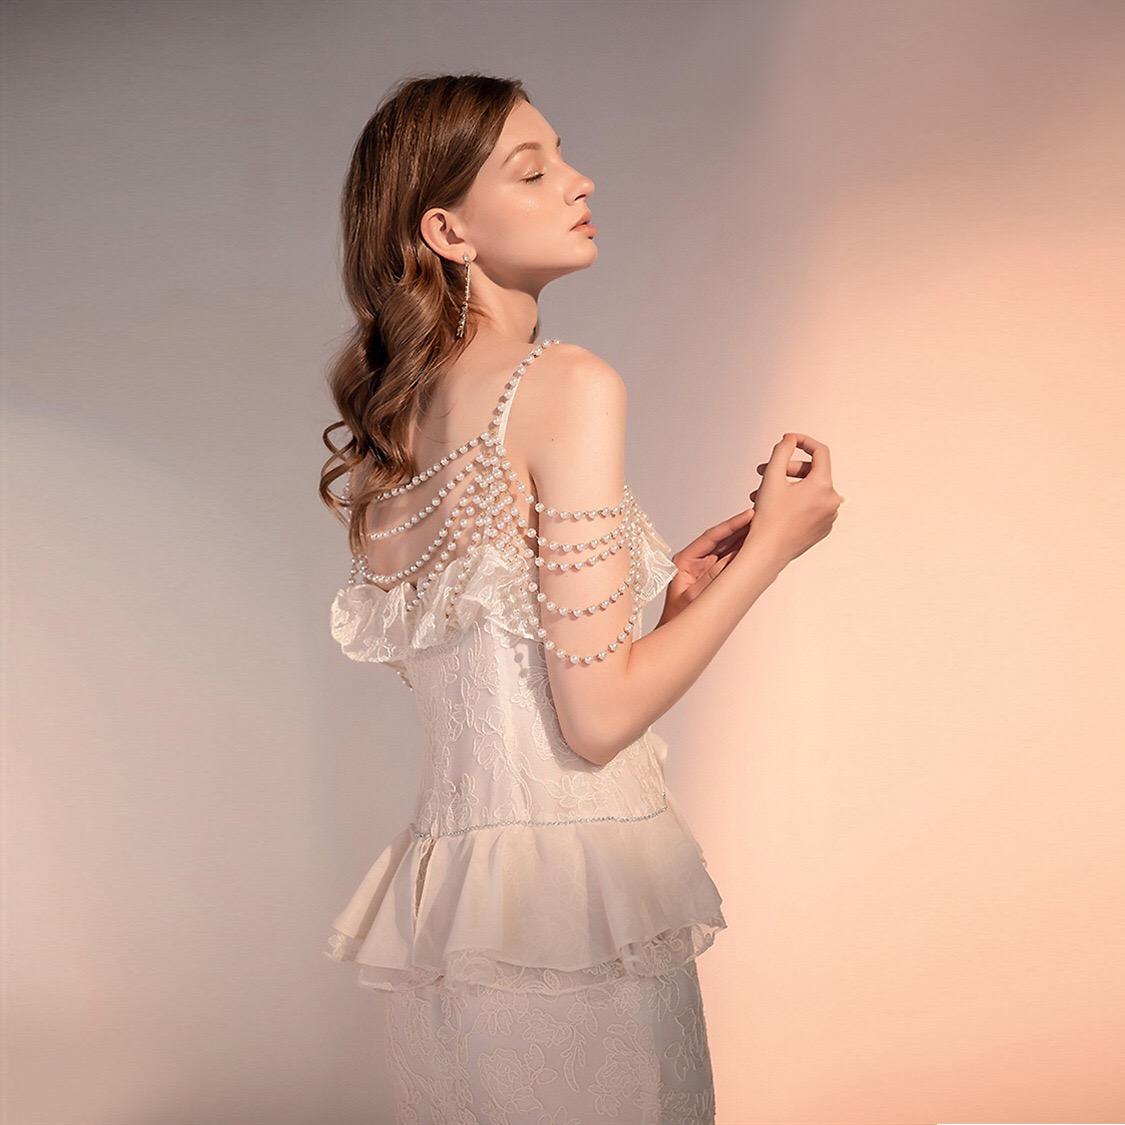 2020珍珠挂肩链礼服亮片一字肩露肩名媛气质性感短裙连衣裙5